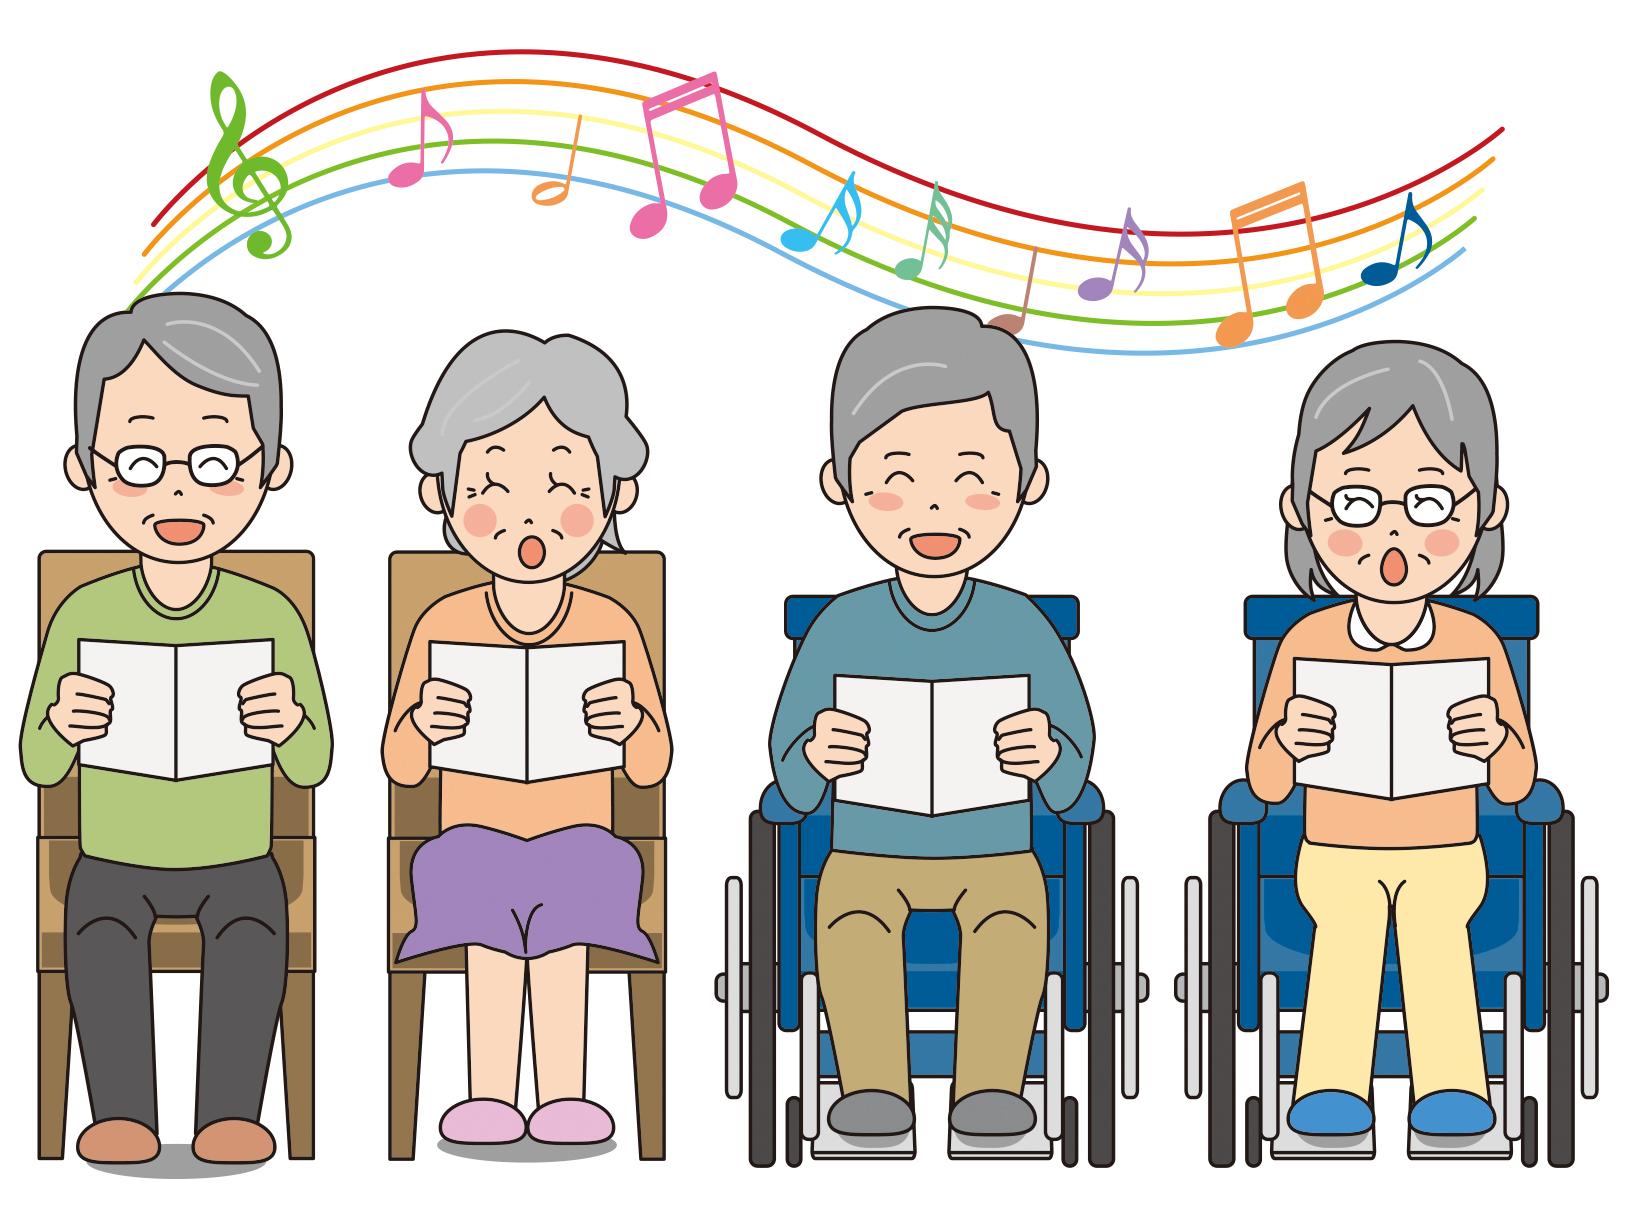 【高齢者が喜ぶイベント10選】施設でおすすめ!!お年寄りの方に人気のイベントを紹介!